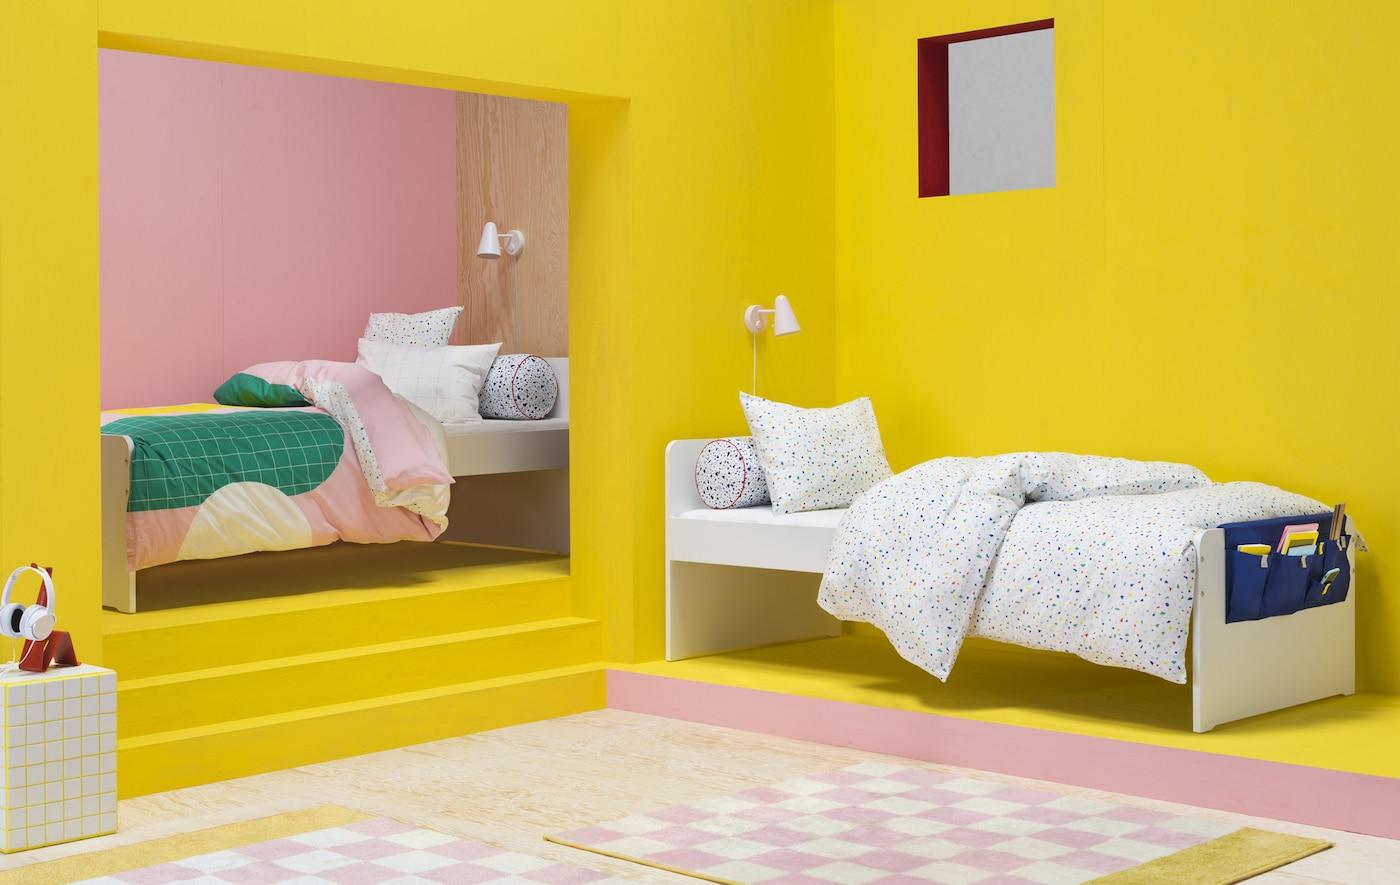 Chambre à coucher rose et jaune, avec deux lits simples garnis de couettes colorées et graphiques.